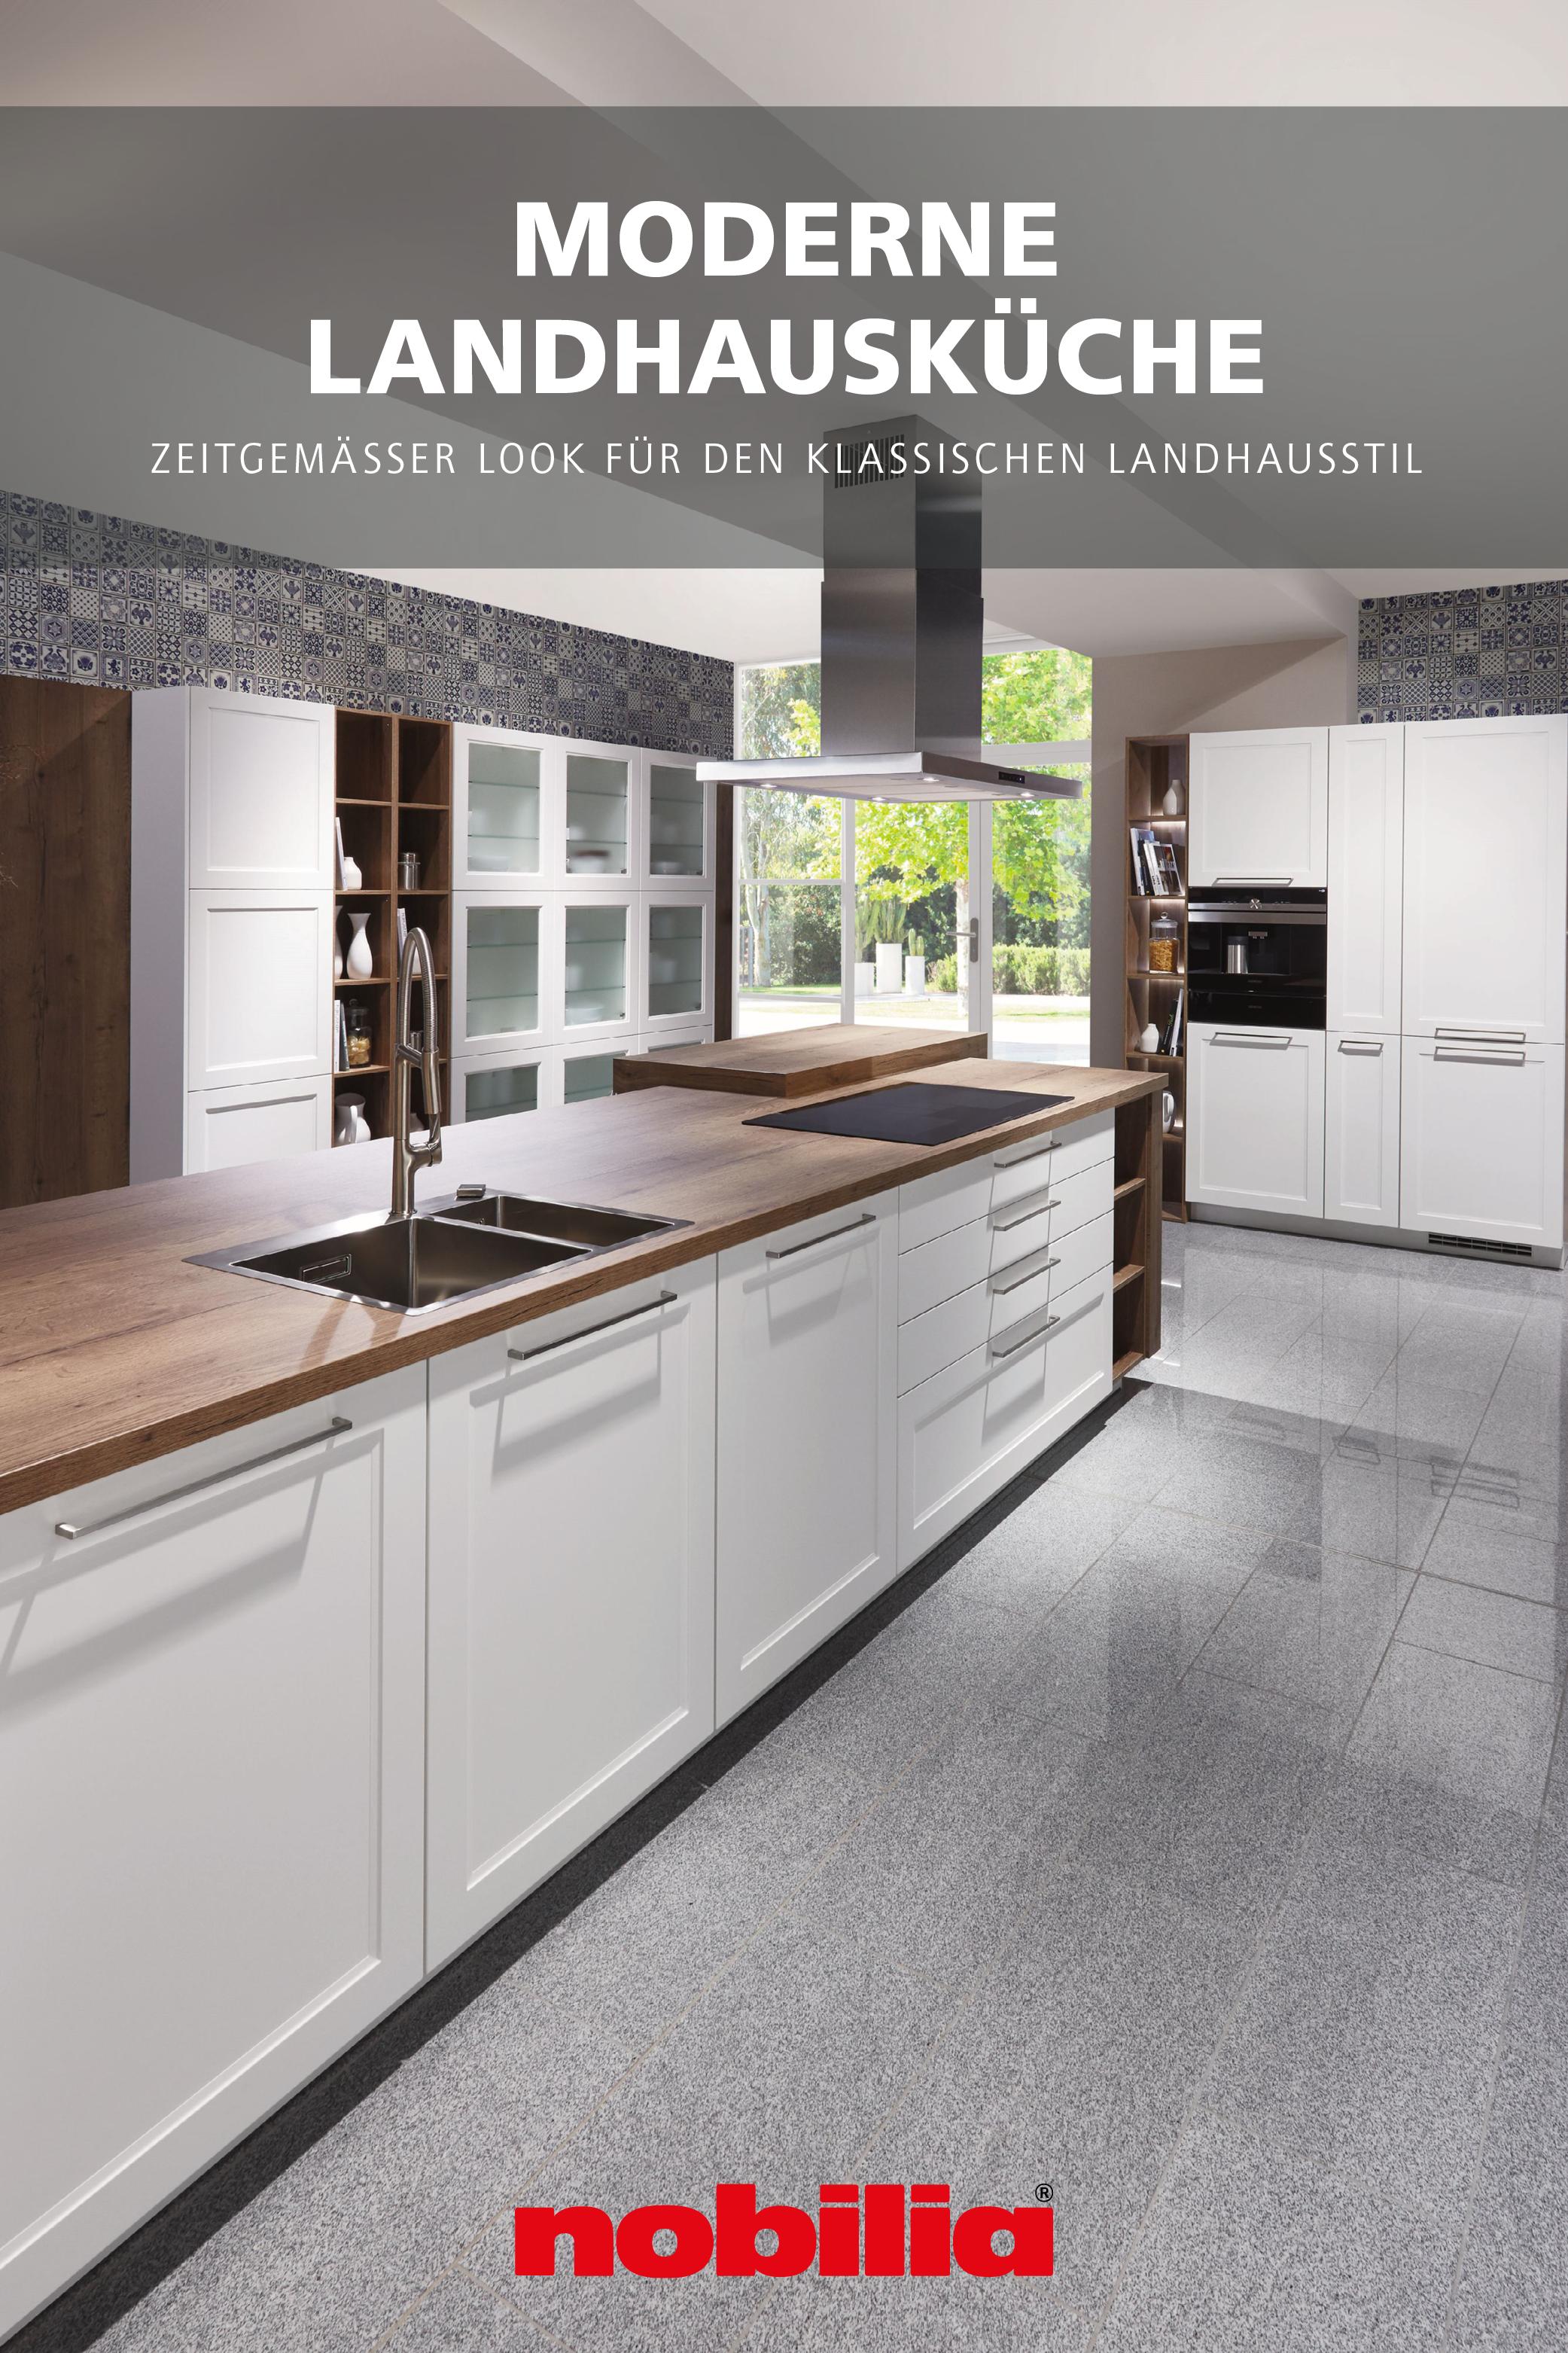 Moderne Landhauskuche Von Nobilia In 2020 Kuche Landhaus Modern Landhauskuche Haus Kuchen